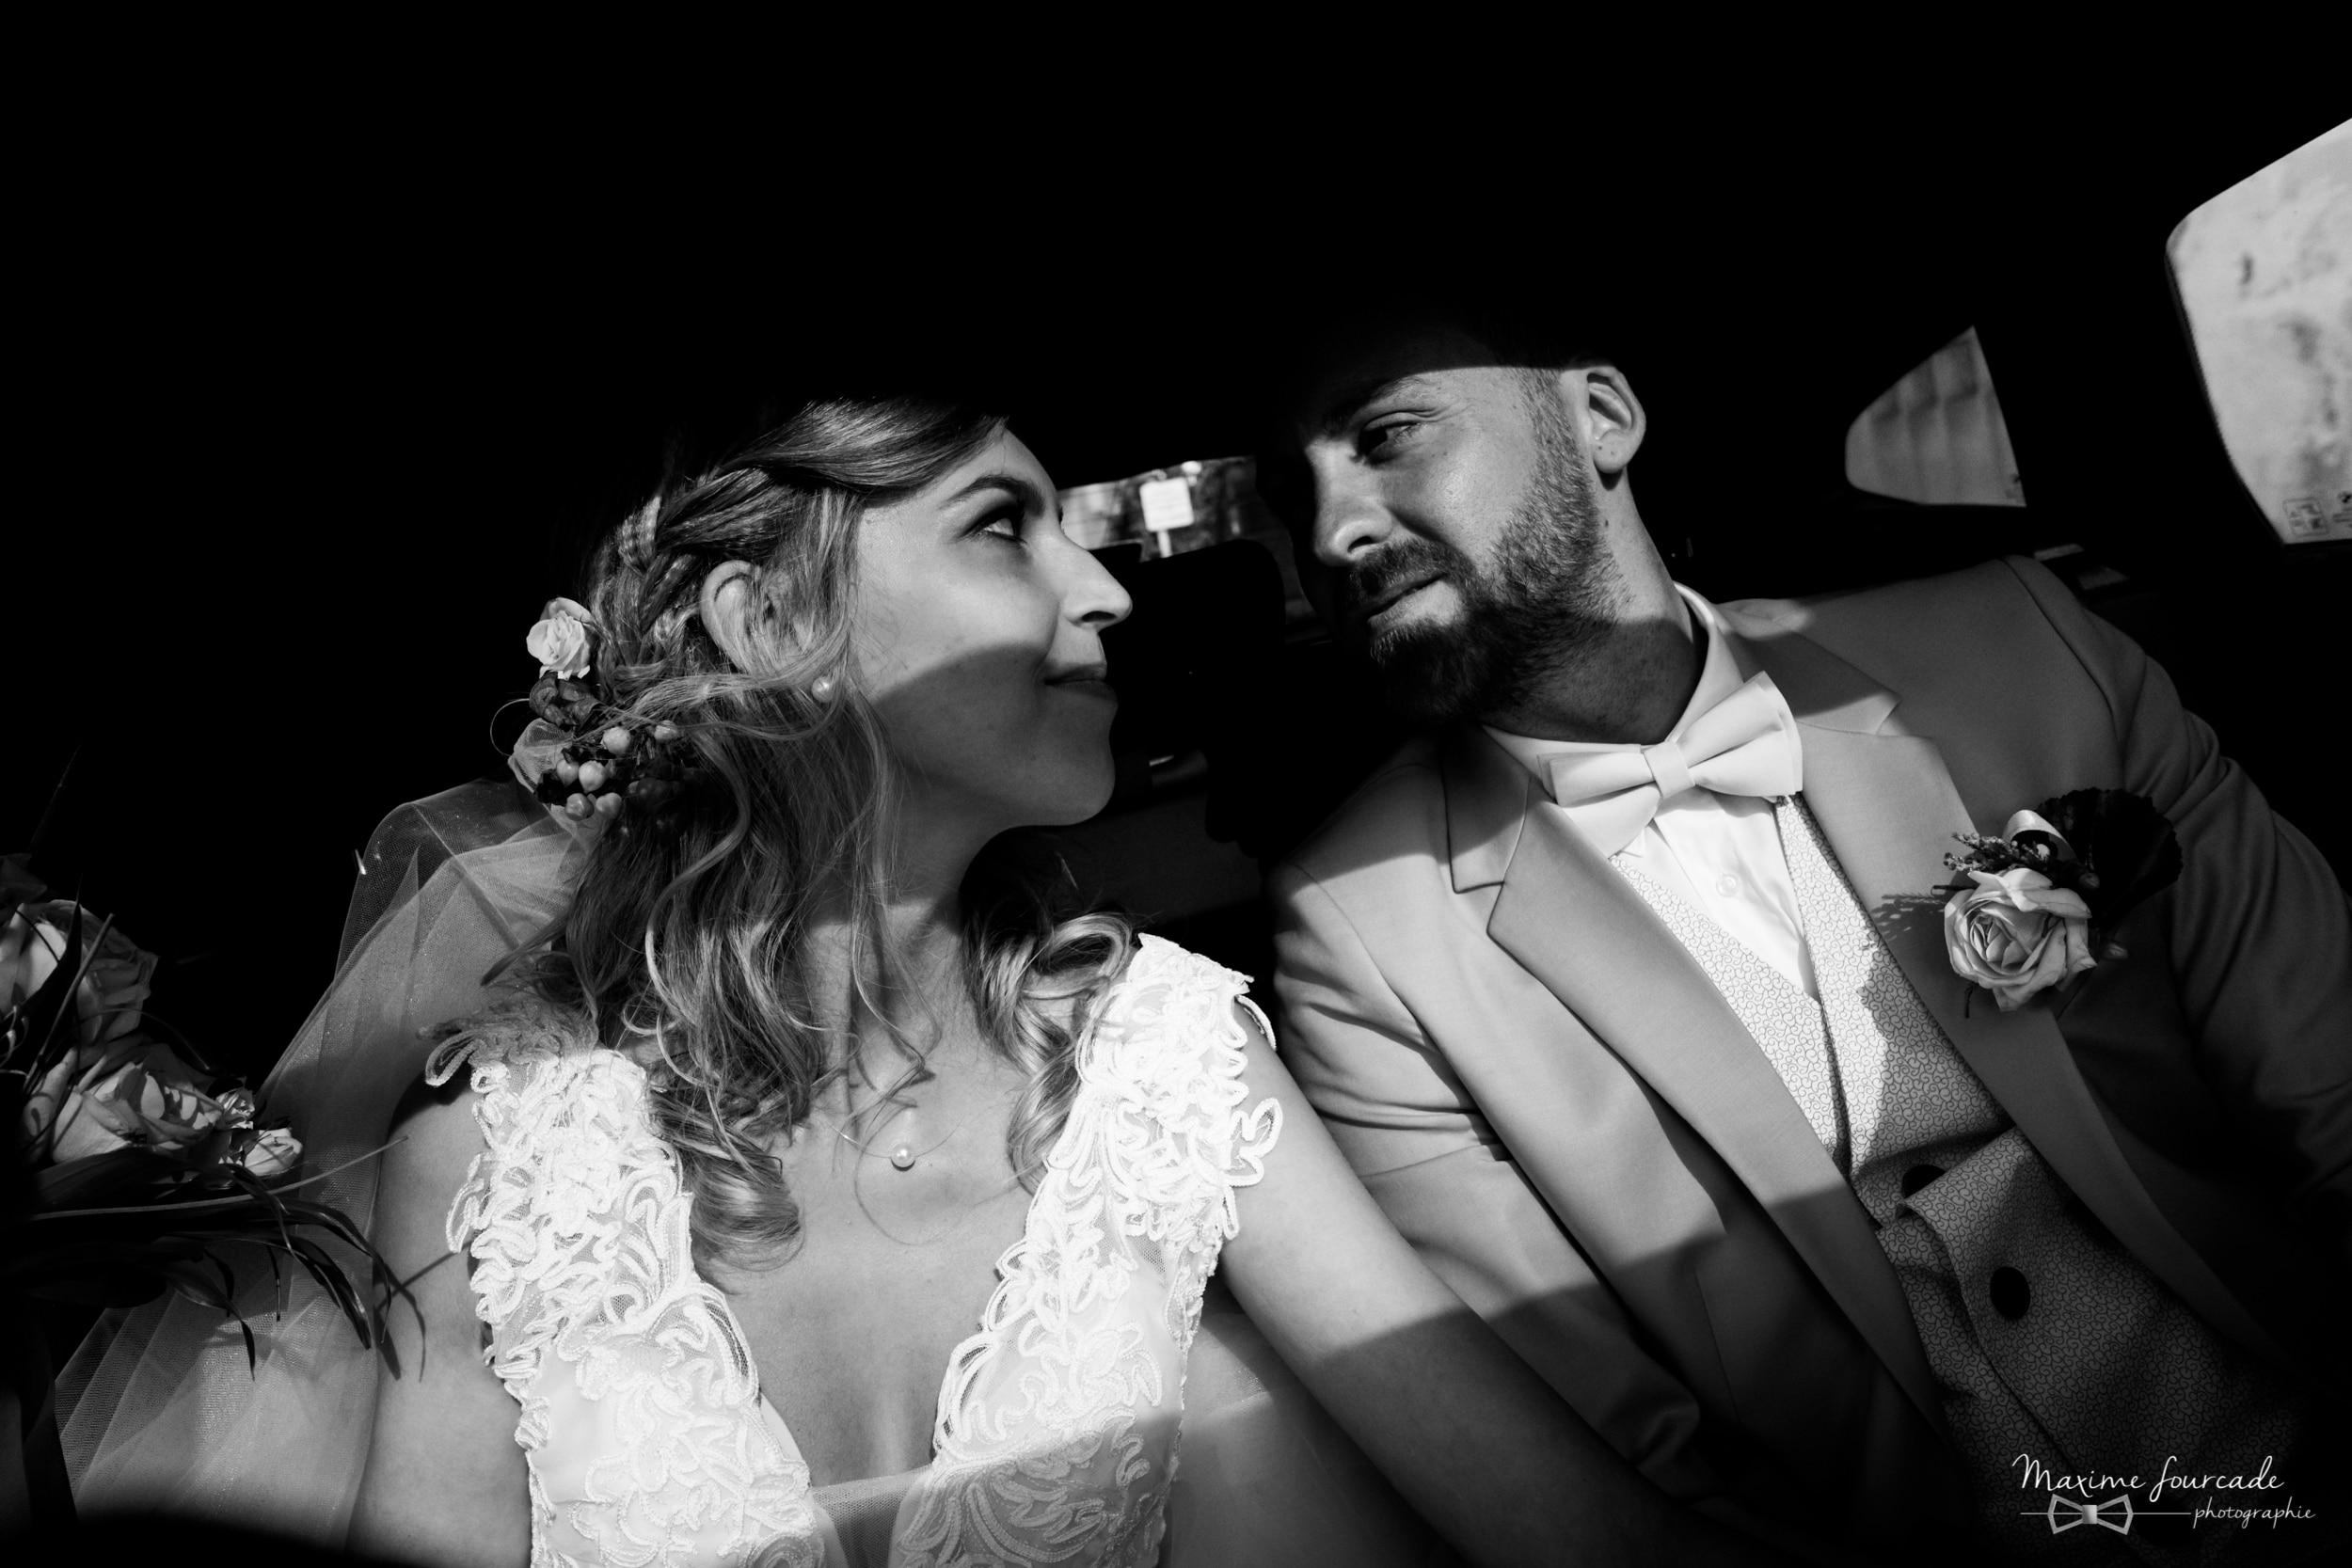 photographe mariage à tarbes et toulouse